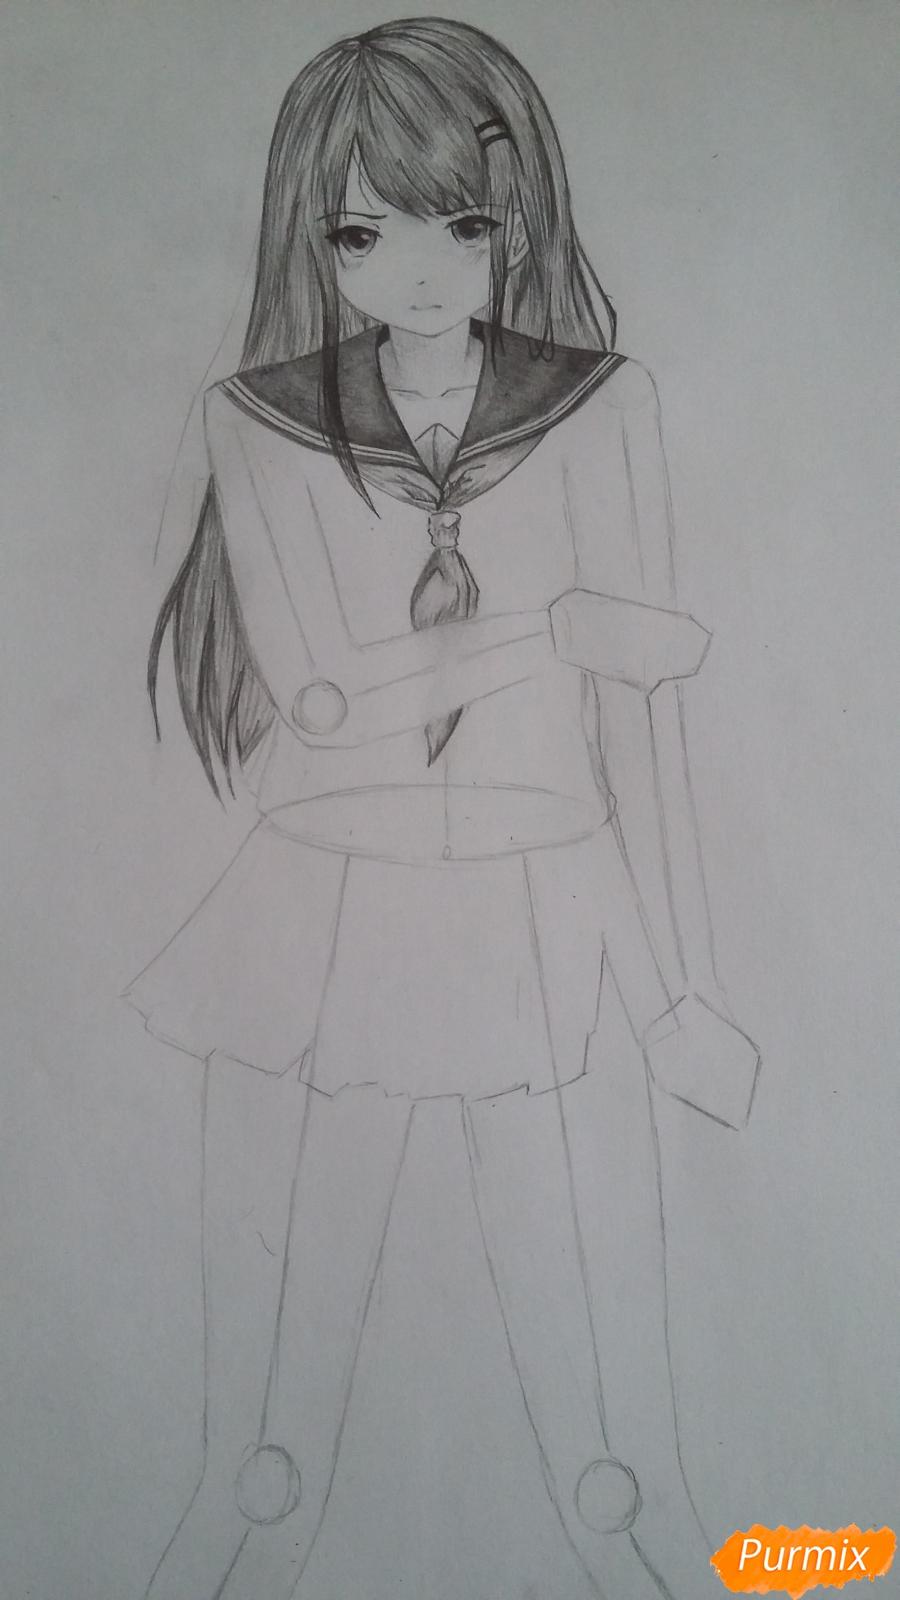 Рисуем девушку с катаной в аниме стиле - шаг 8